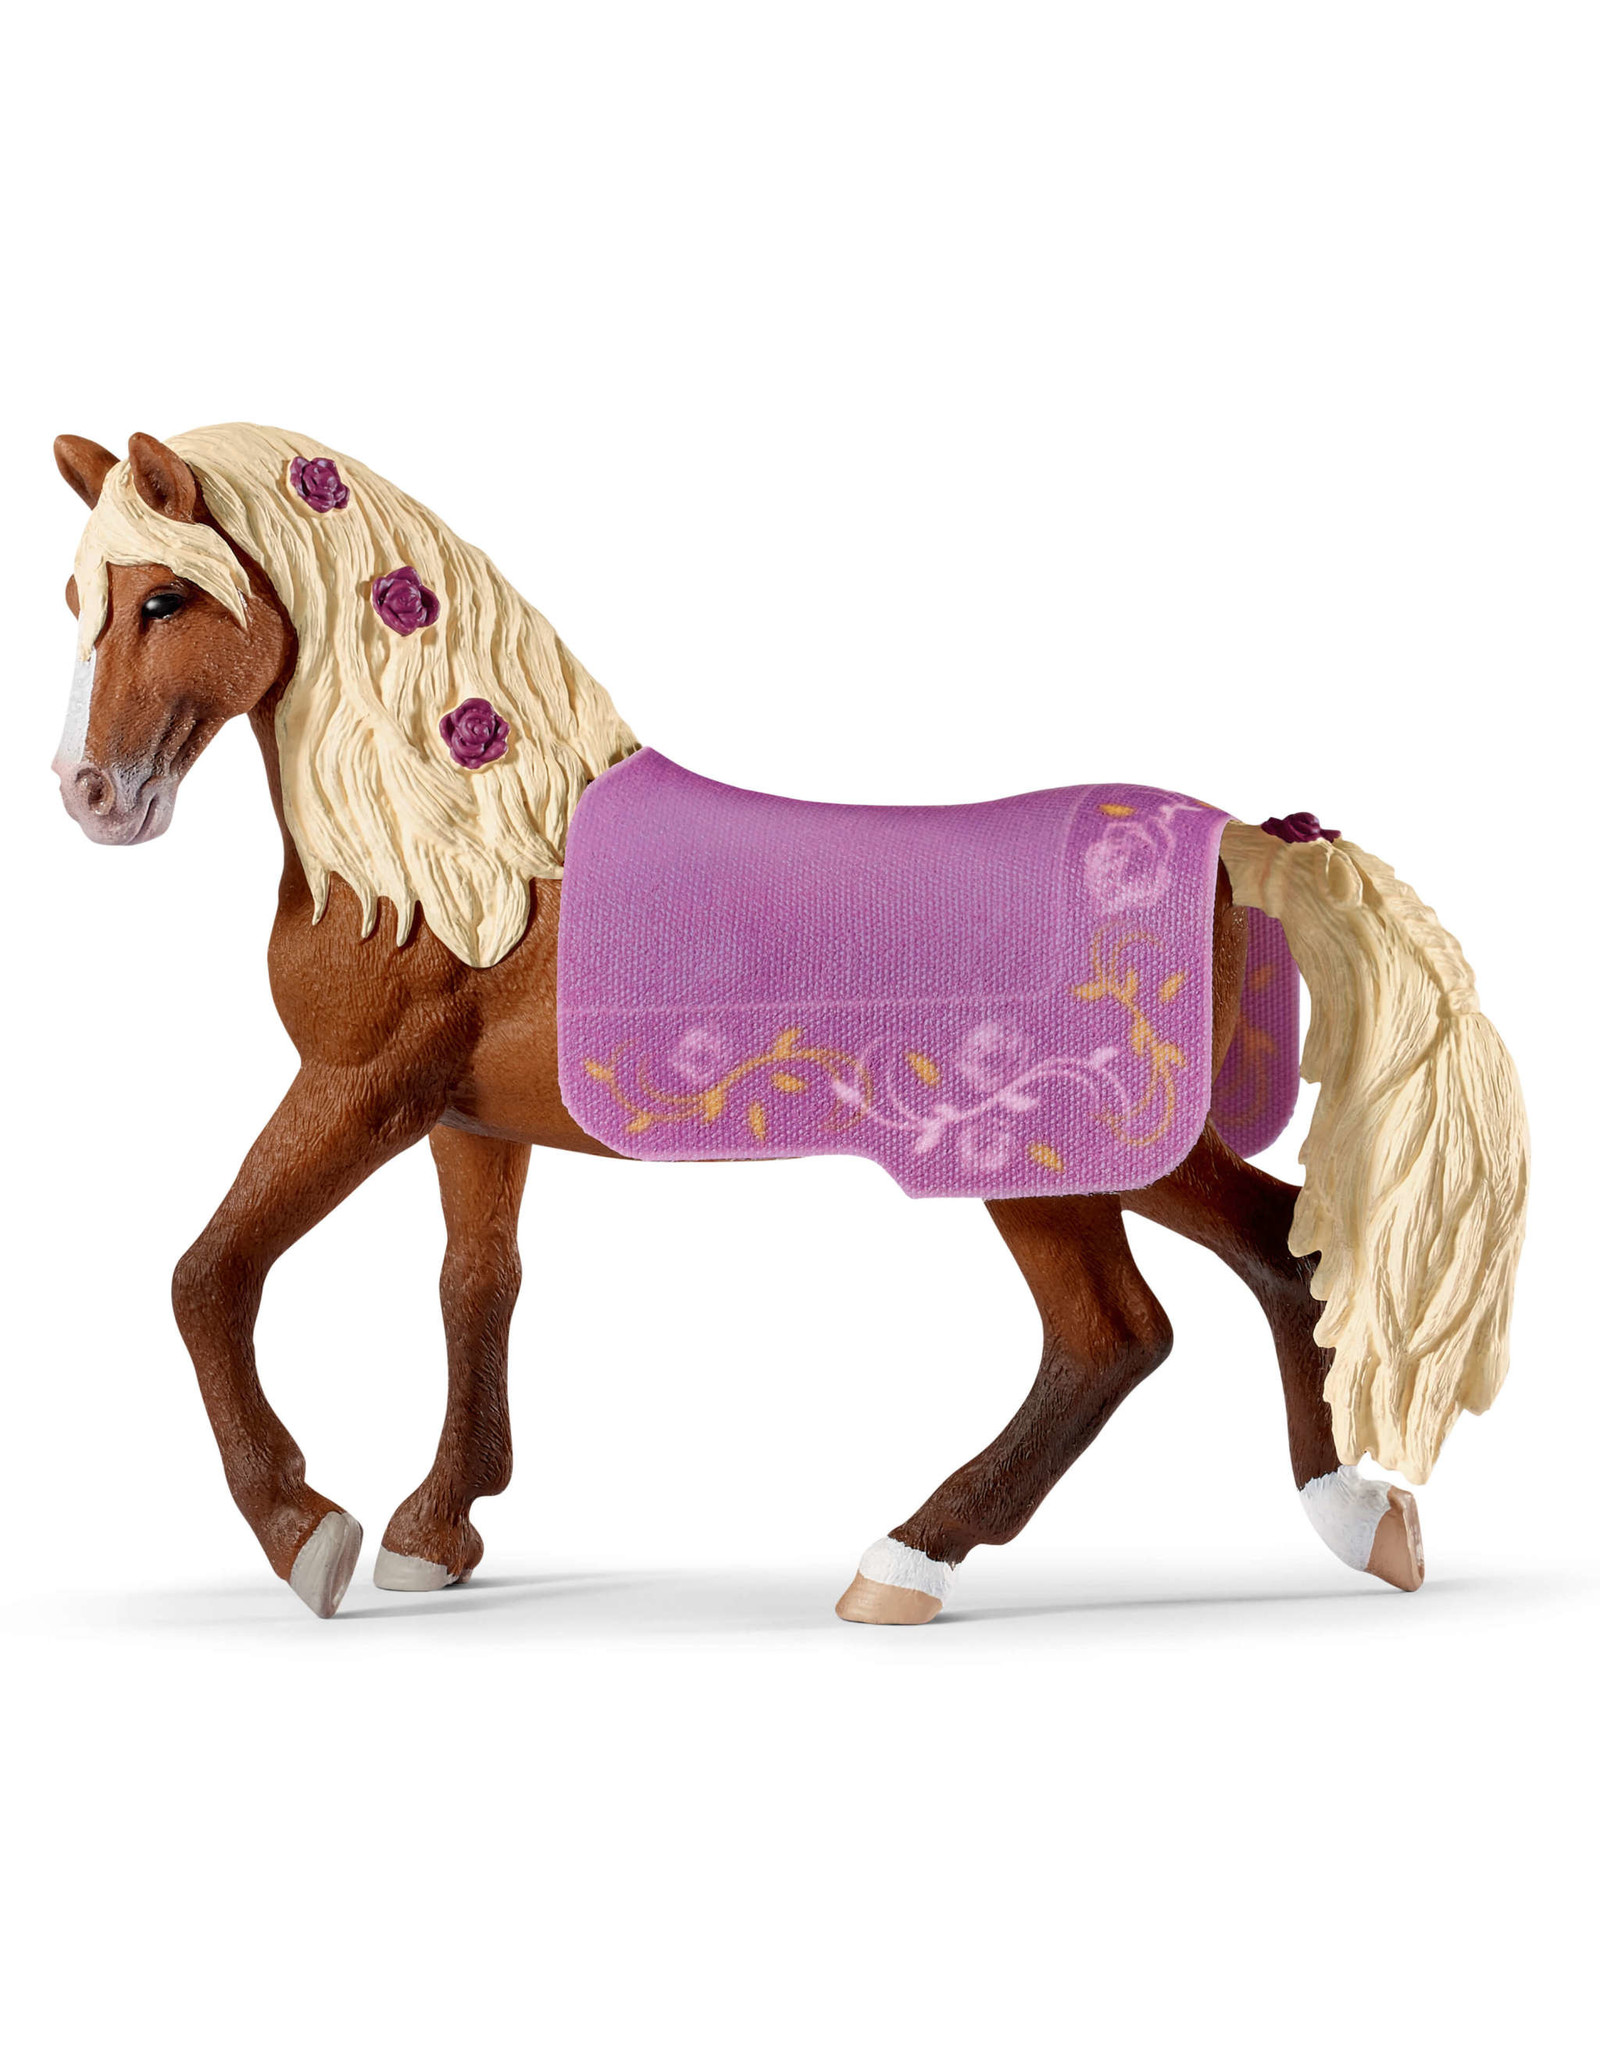 Schleich Paso Fina Stallion Horse Show